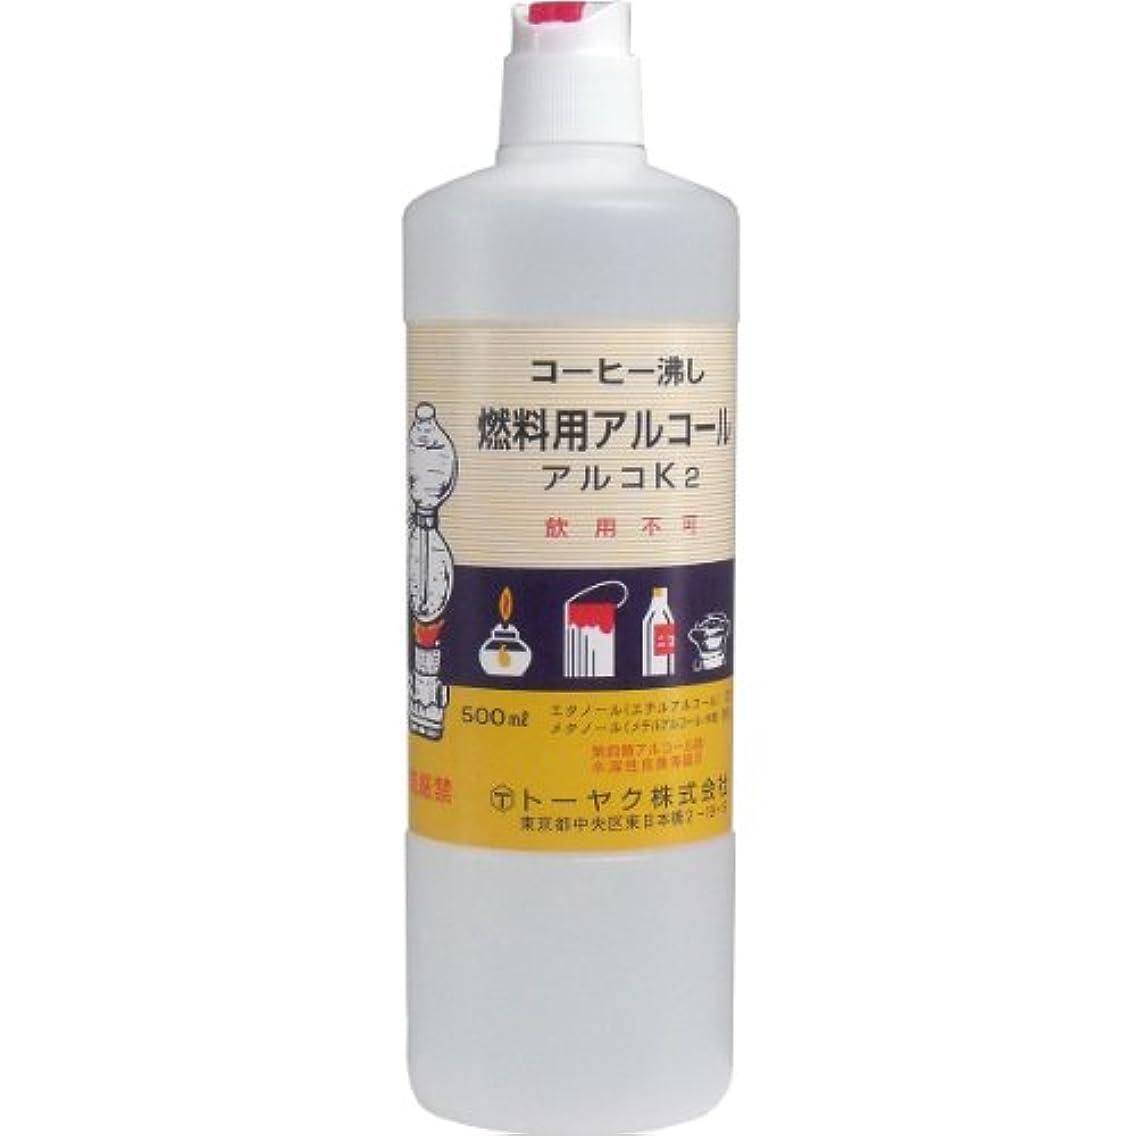 アルカイック最も遠い同種の燃料用アルコール アルコK2 ×3個セット